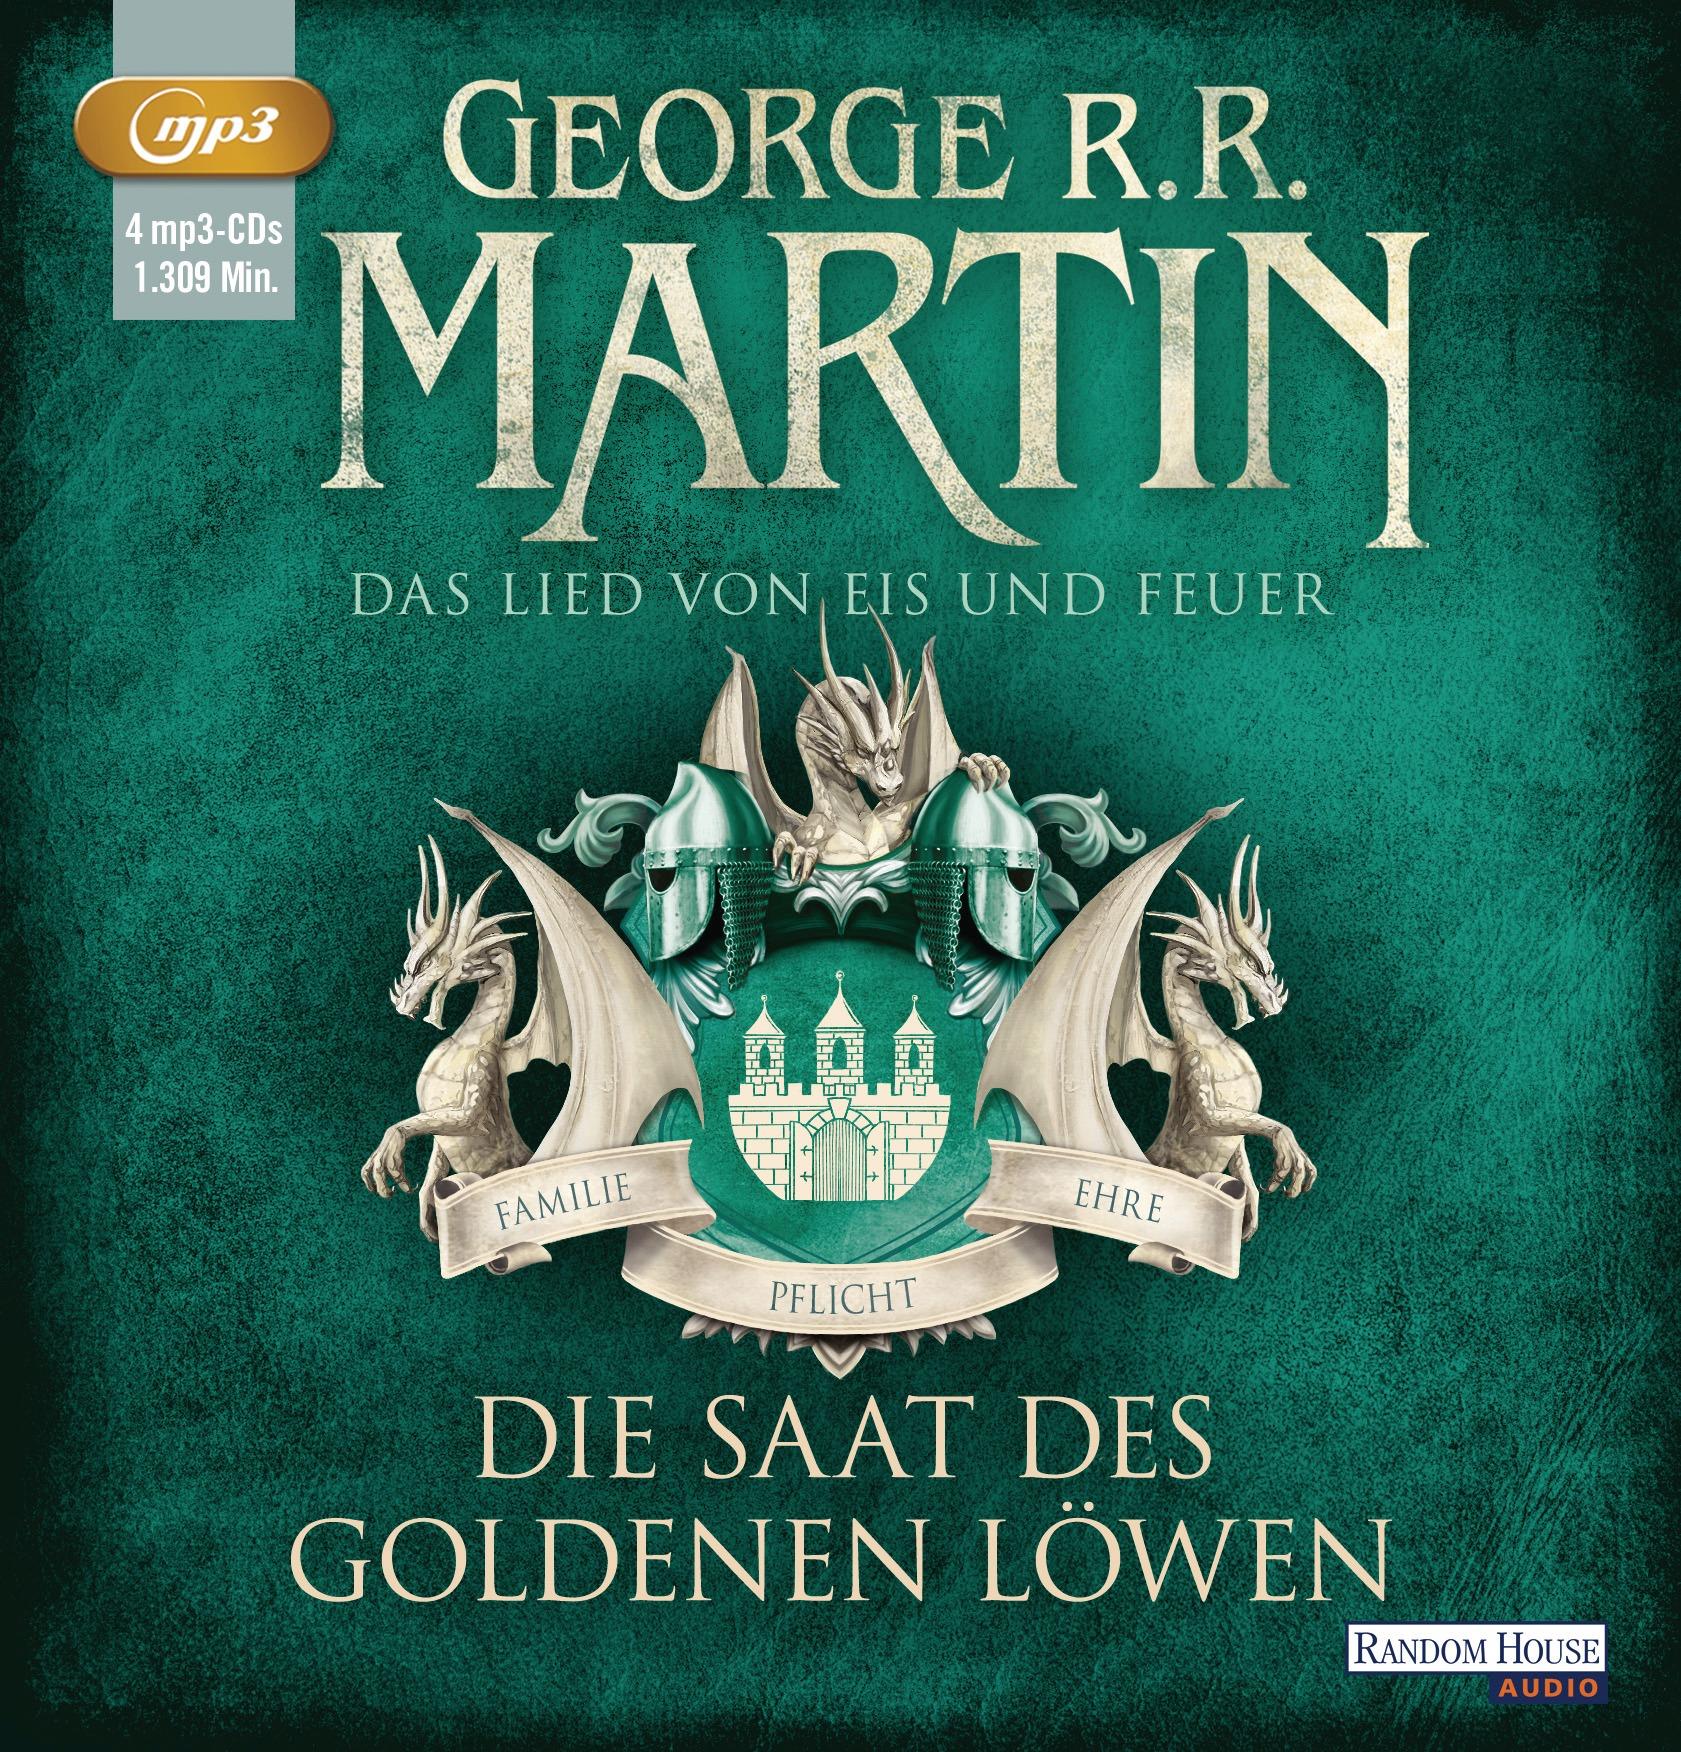 Das Lied von Eis und Feuer: Band 4 - Die Saat des goldenen Löwen - George R.R. Martin [3 mp3-CDs]